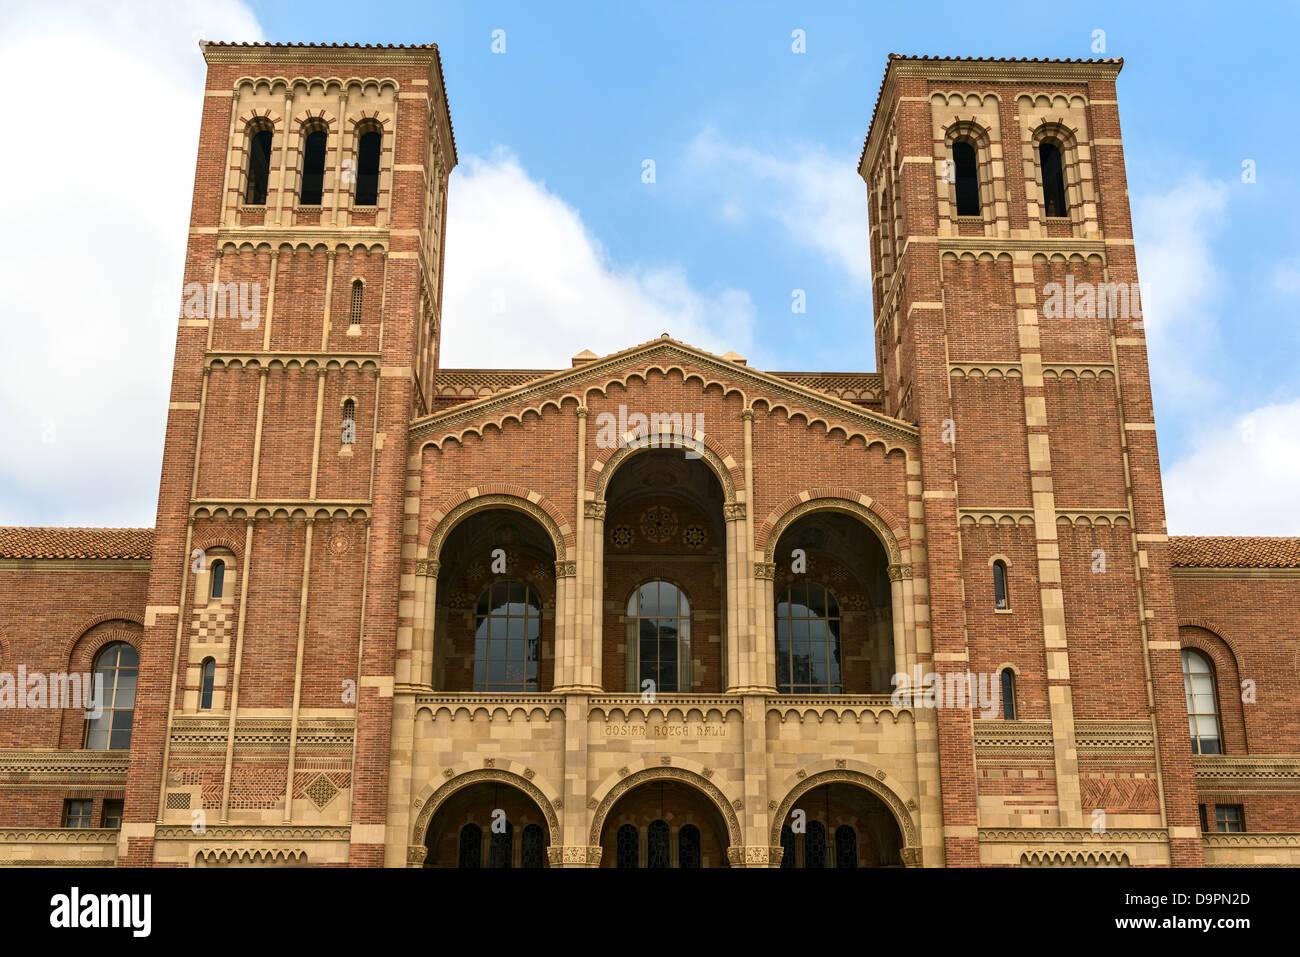 La famosa sala di Royce della UCLA, la University of California di Los Angeles. Foto Stock